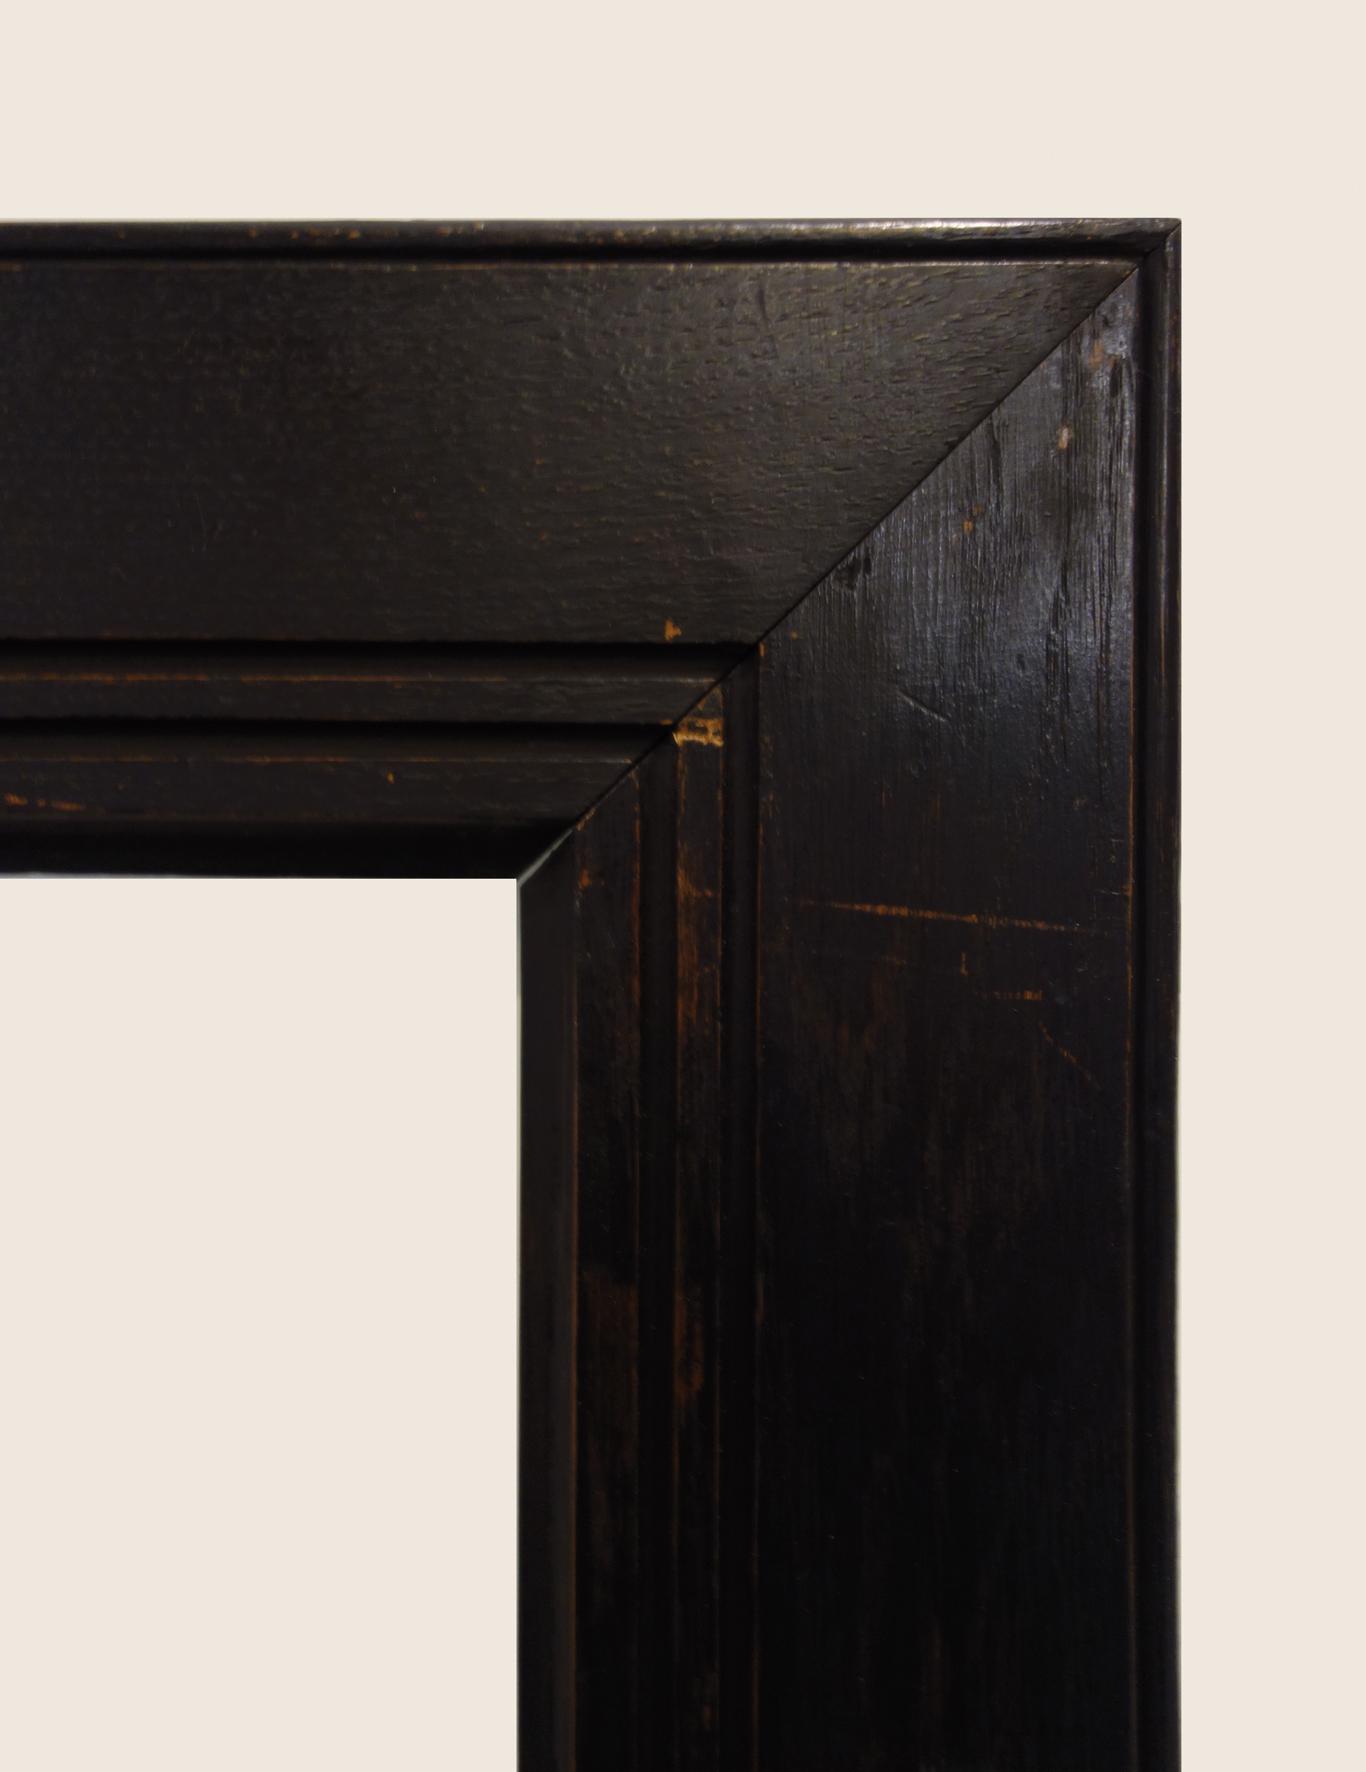 cadre-chène-noirci-debut-20eme